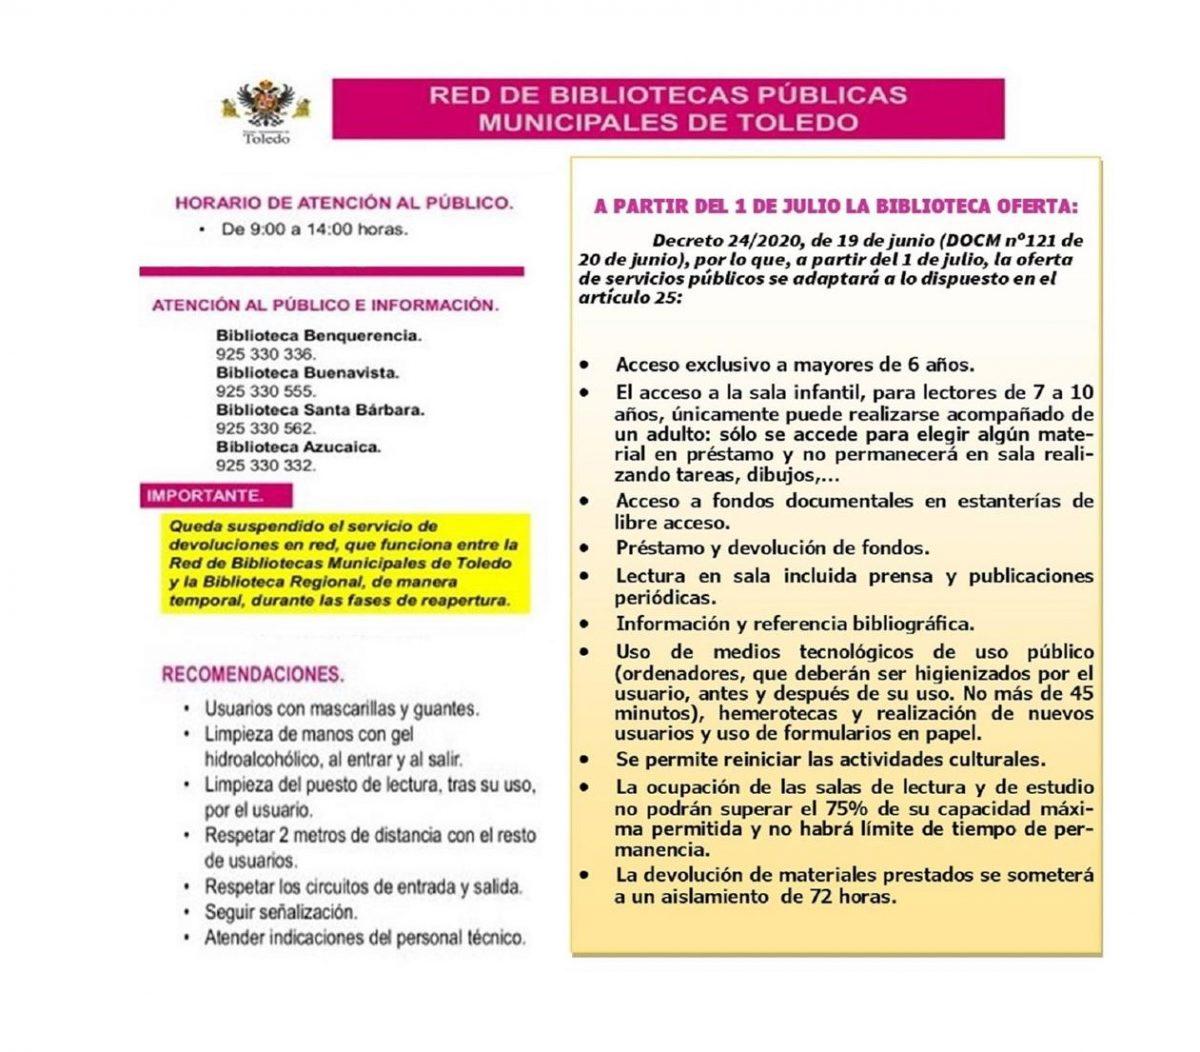 https://www.toledo.es/wp-content/uploads/2020/06/1-de-julio-1200x1052.jpg. A partir del 1 de Julio de 2020, Nueva normativa y recomendaciones para el servicio de Bibliotecas Municipales del Ayuntamiento de Toledo